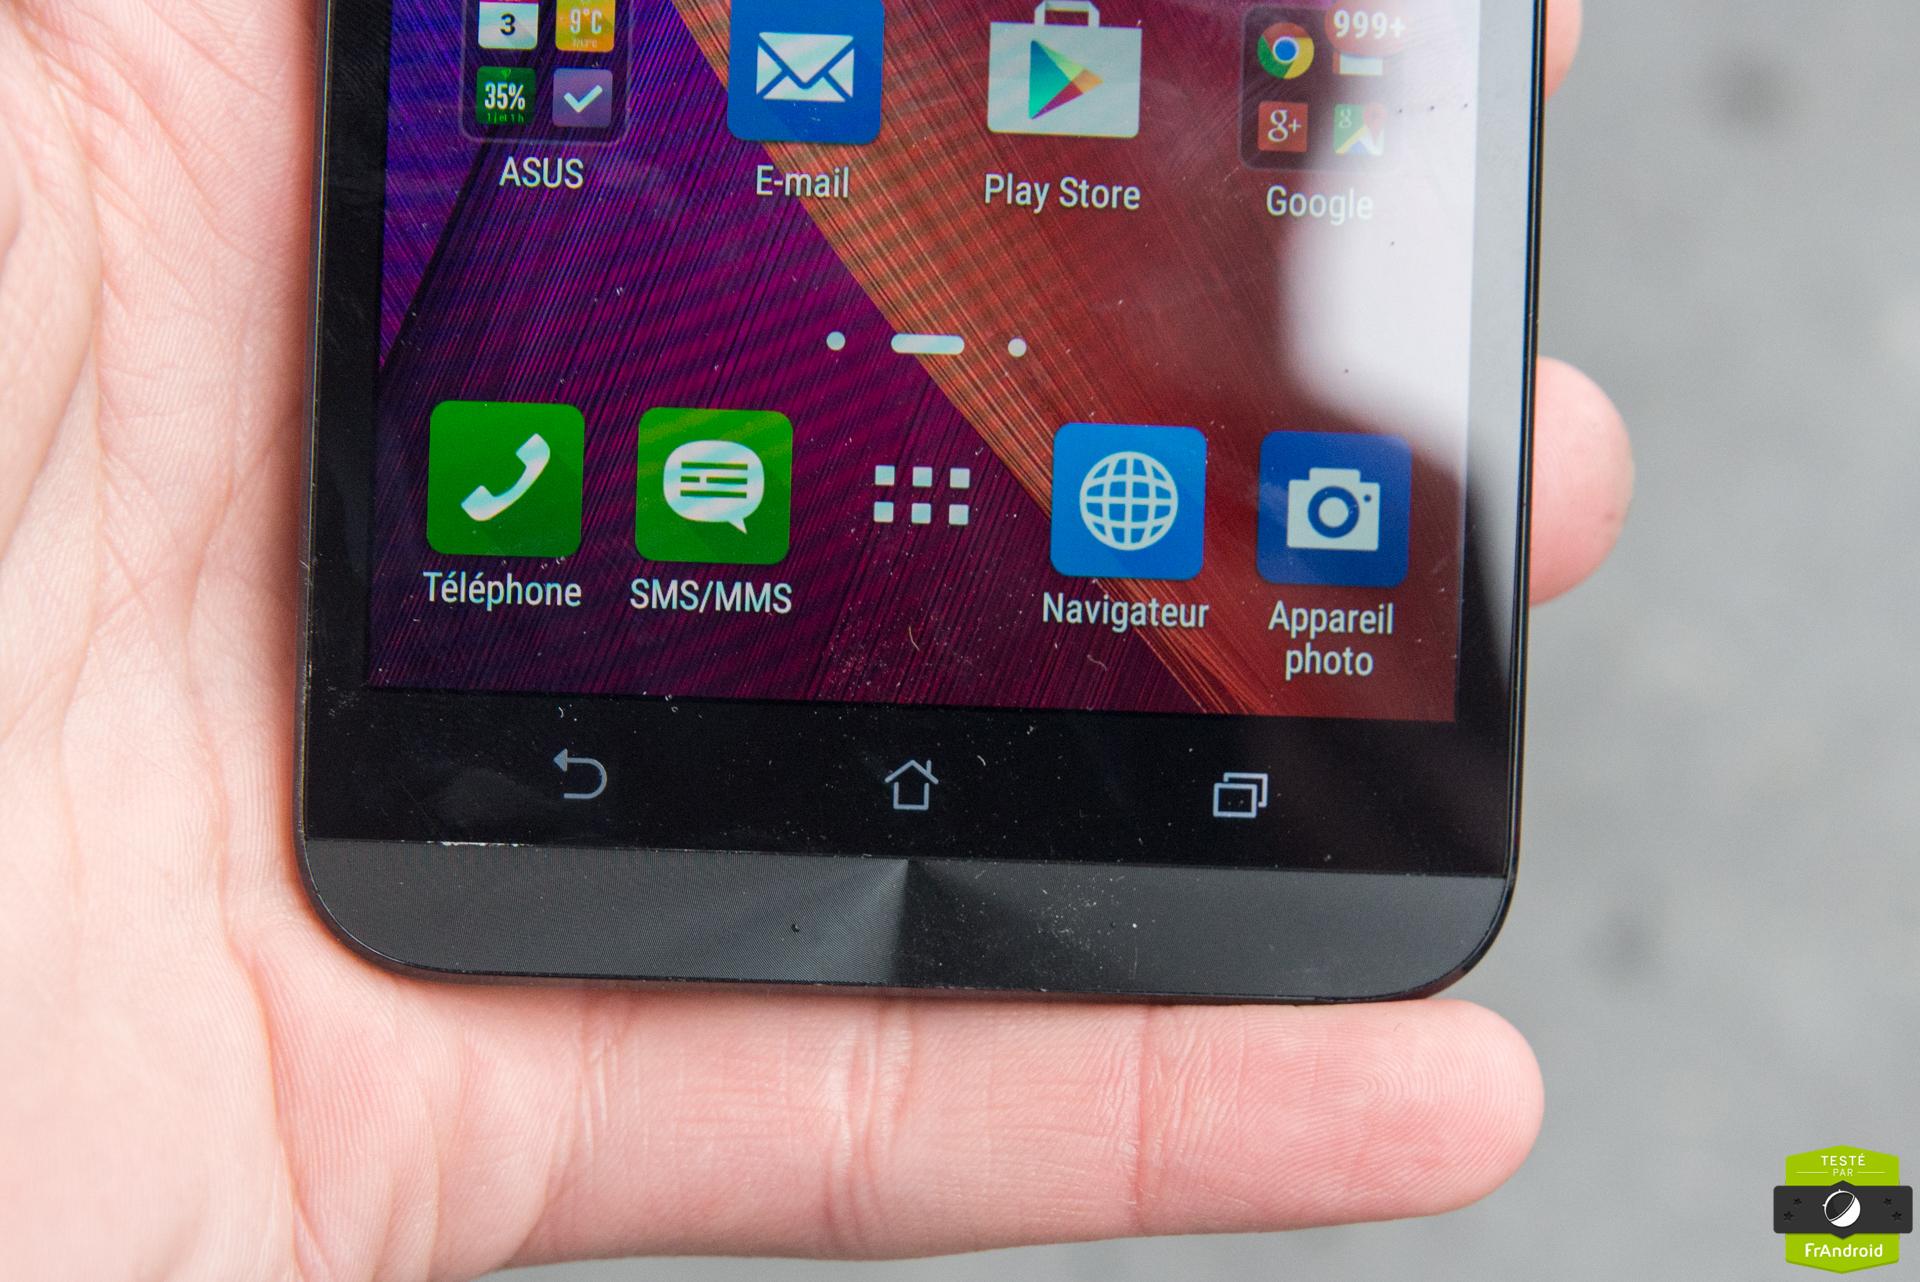 Test Asus Zenfone 2 Ze551ml Notre Avis Complet Smartphones Ram 4gb Rom 32gb 1